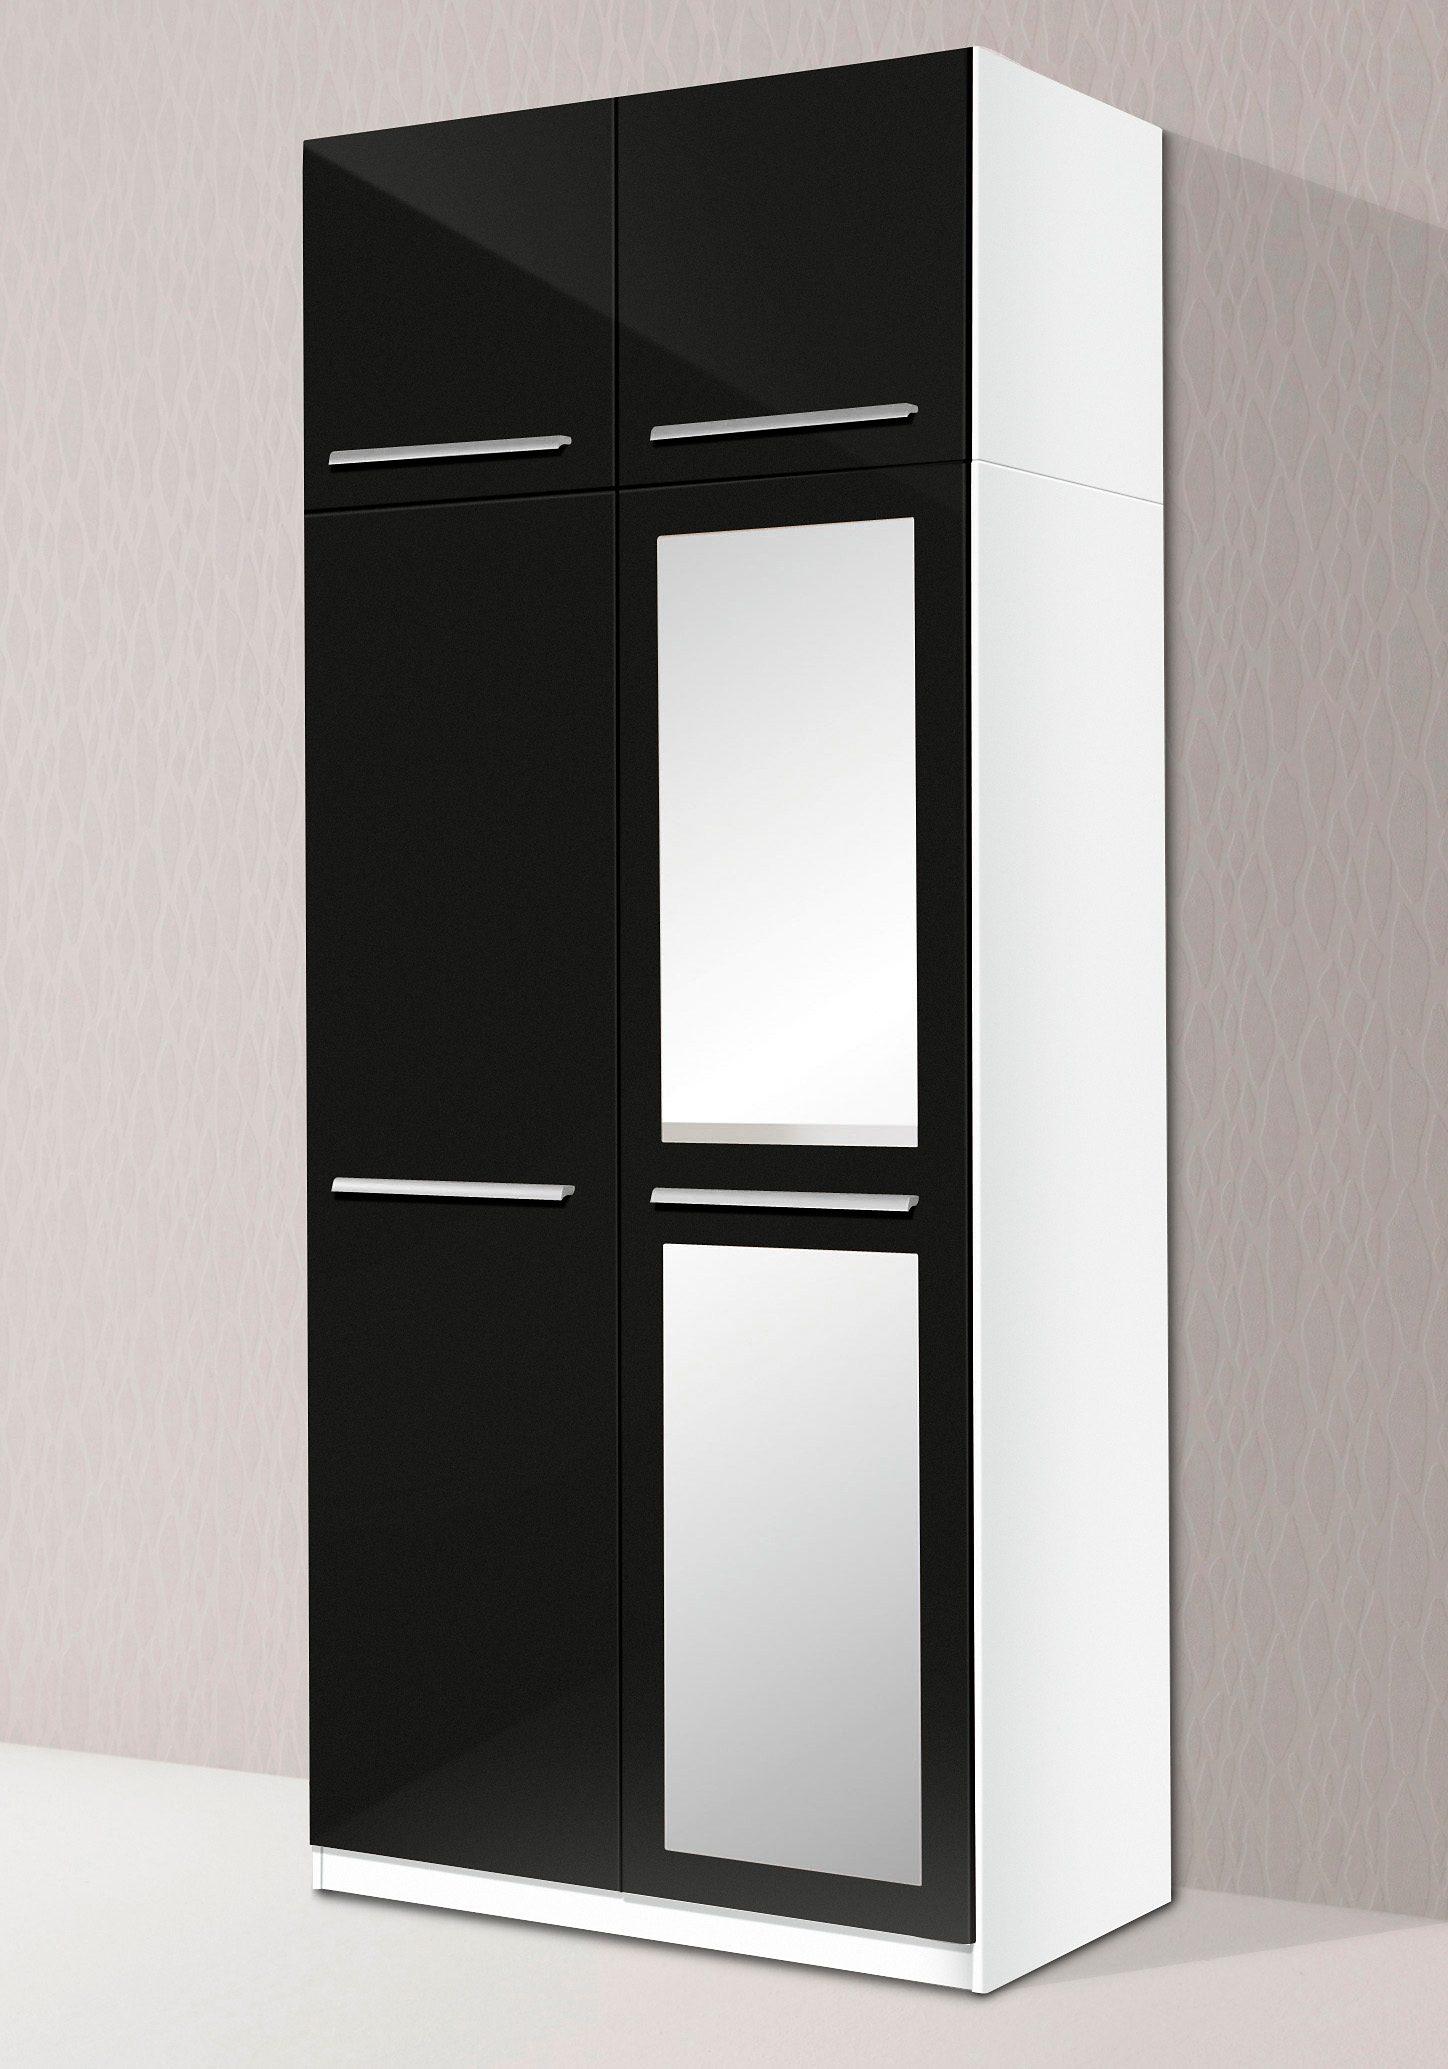 priess Kleiderschrank, 2- bis 5-türig weiß Drehtürenschränke Kleiderschränke Kleiderschrank